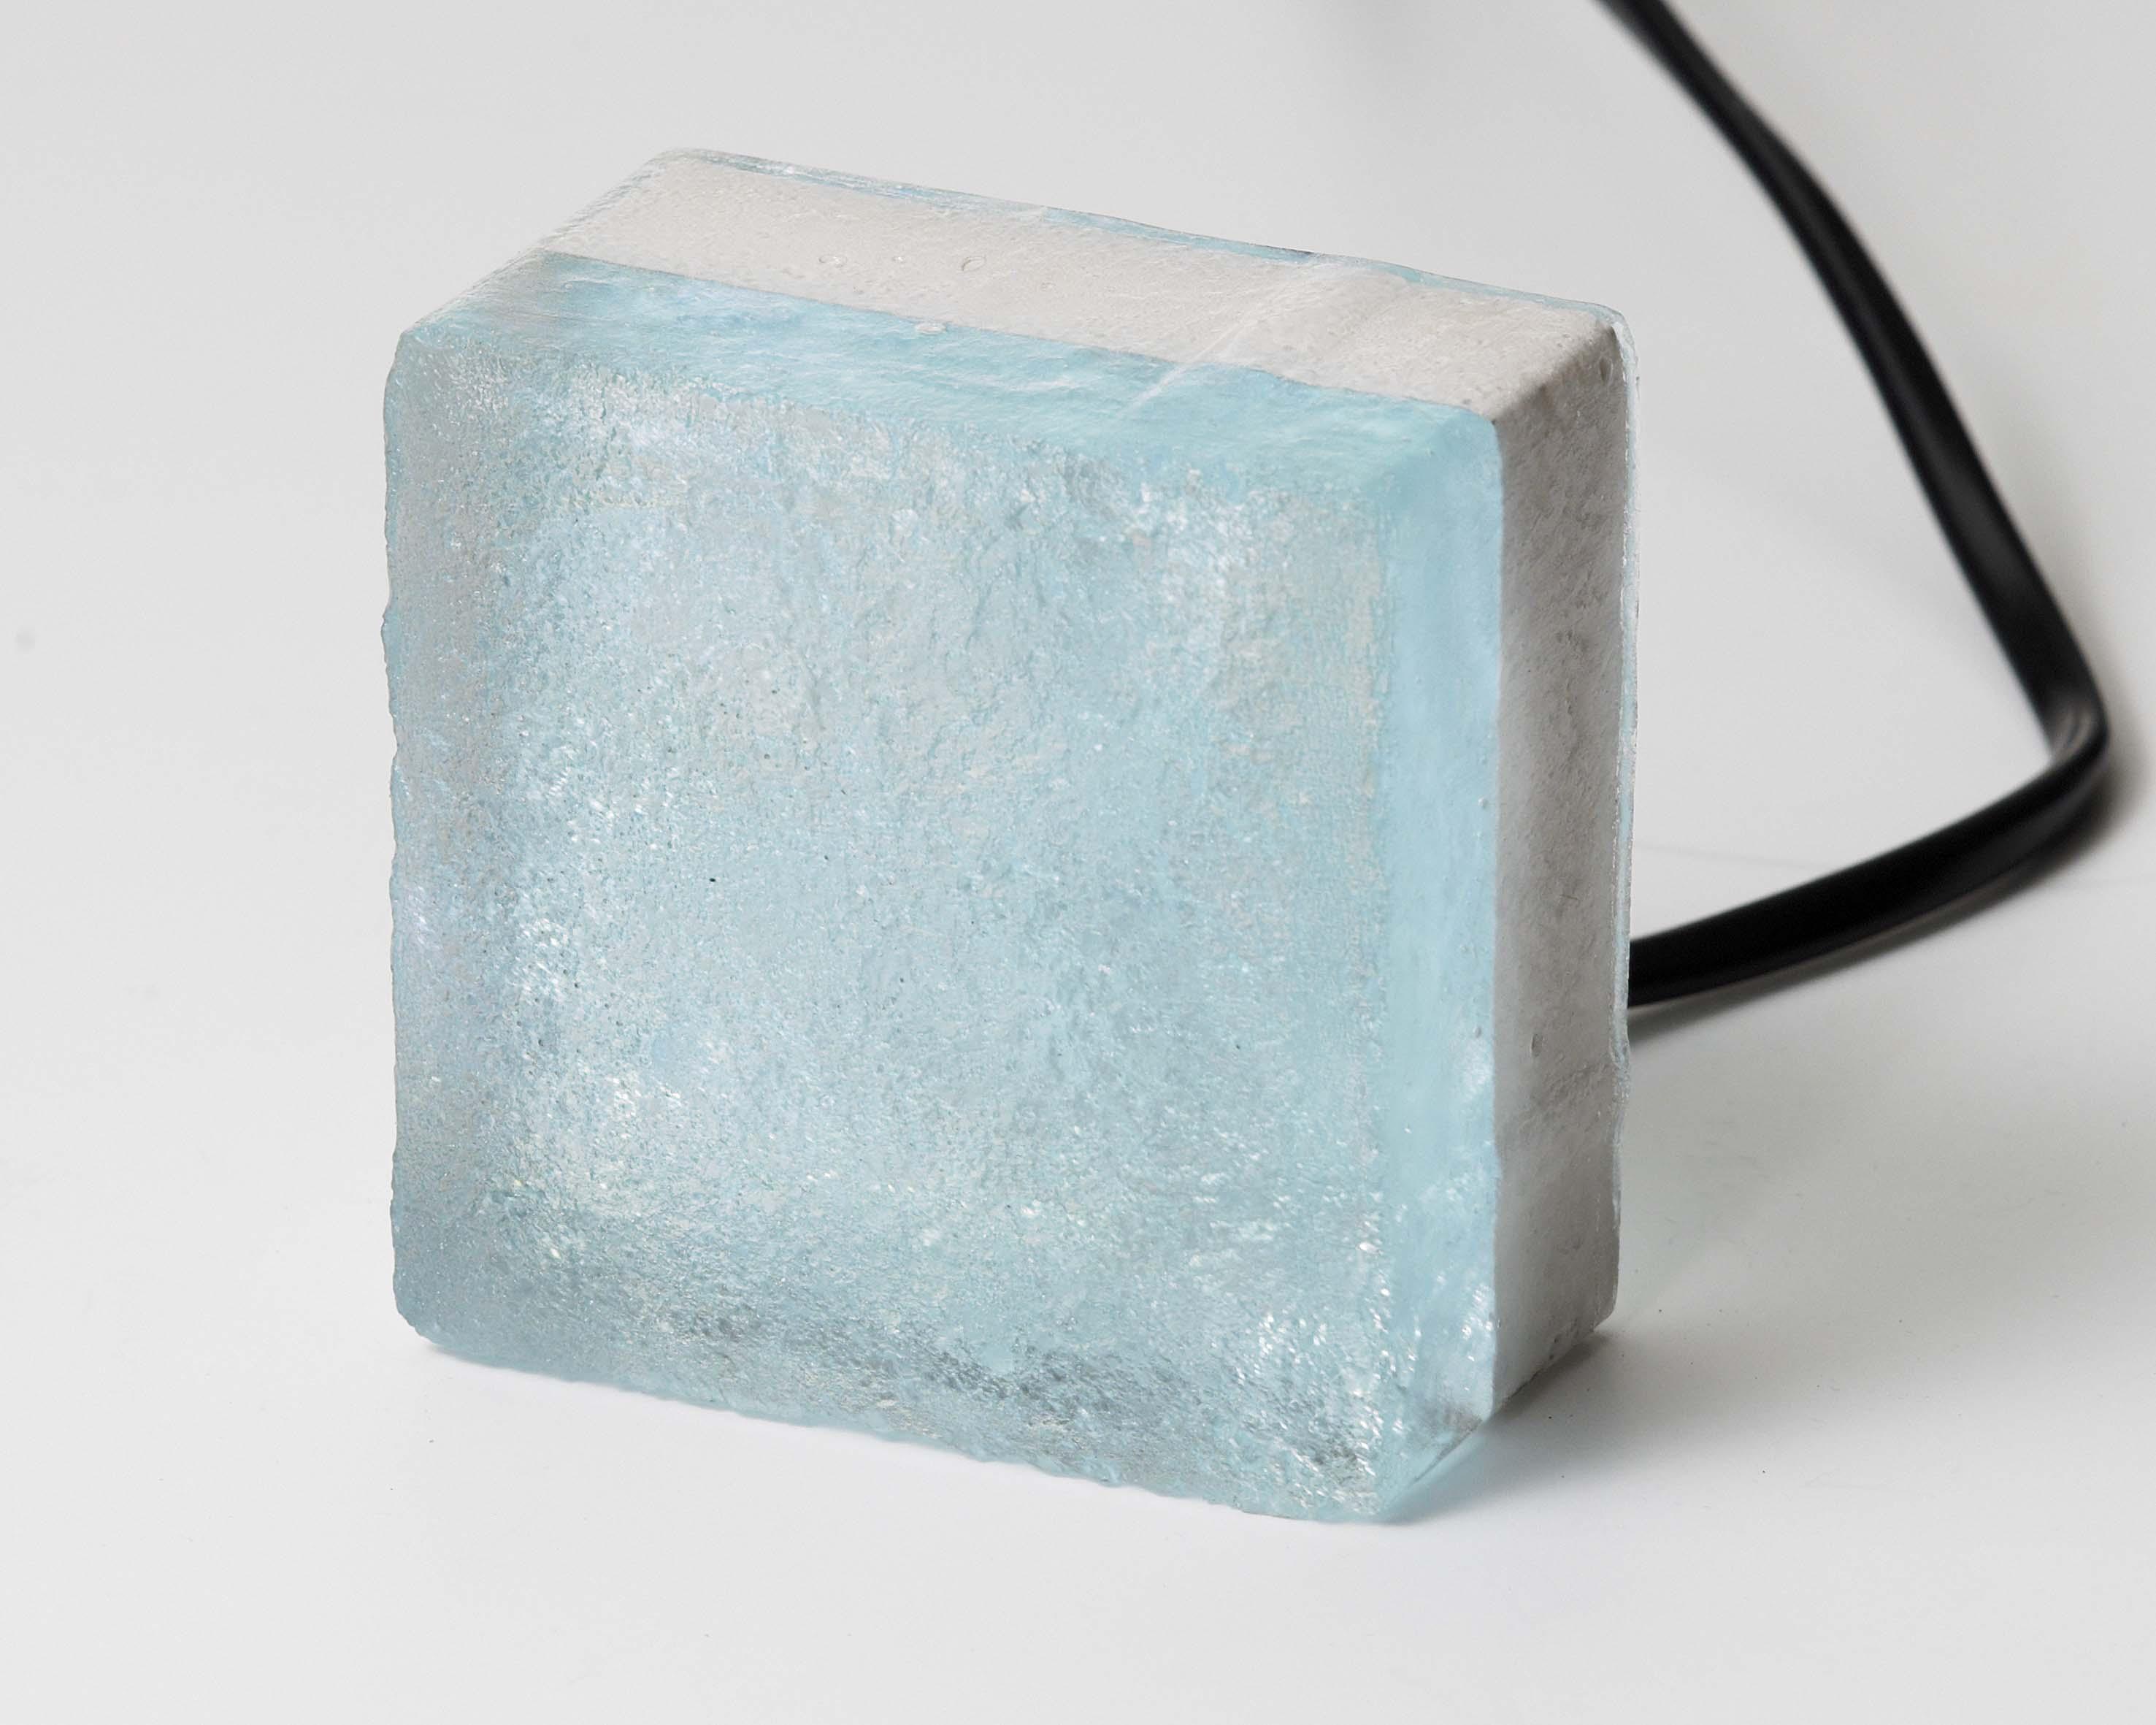 pav de verre exterieur pavs de verre encastrer kub with pav de verre exterieur interesting. Black Bedroom Furniture Sets. Home Design Ideas